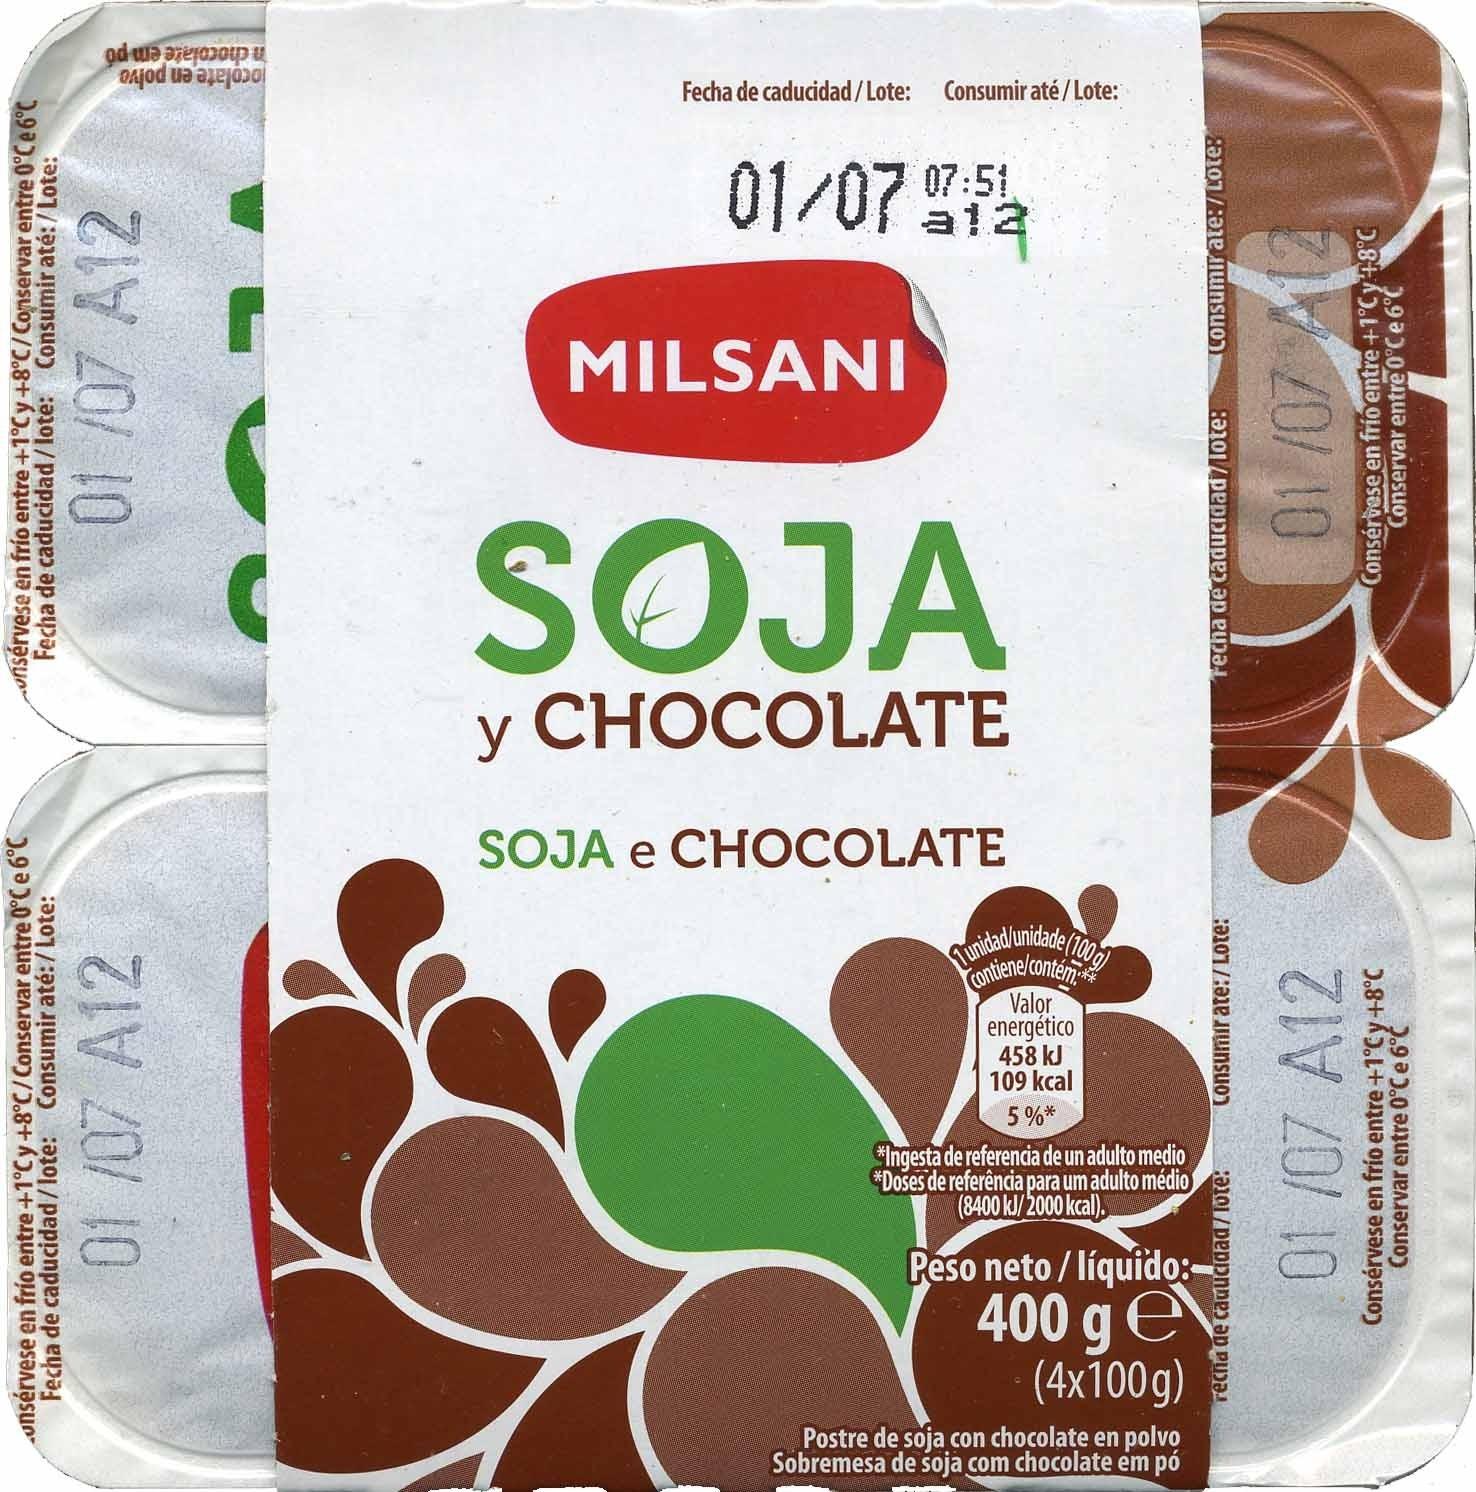 Postre de soja y chocolate - Producto - es